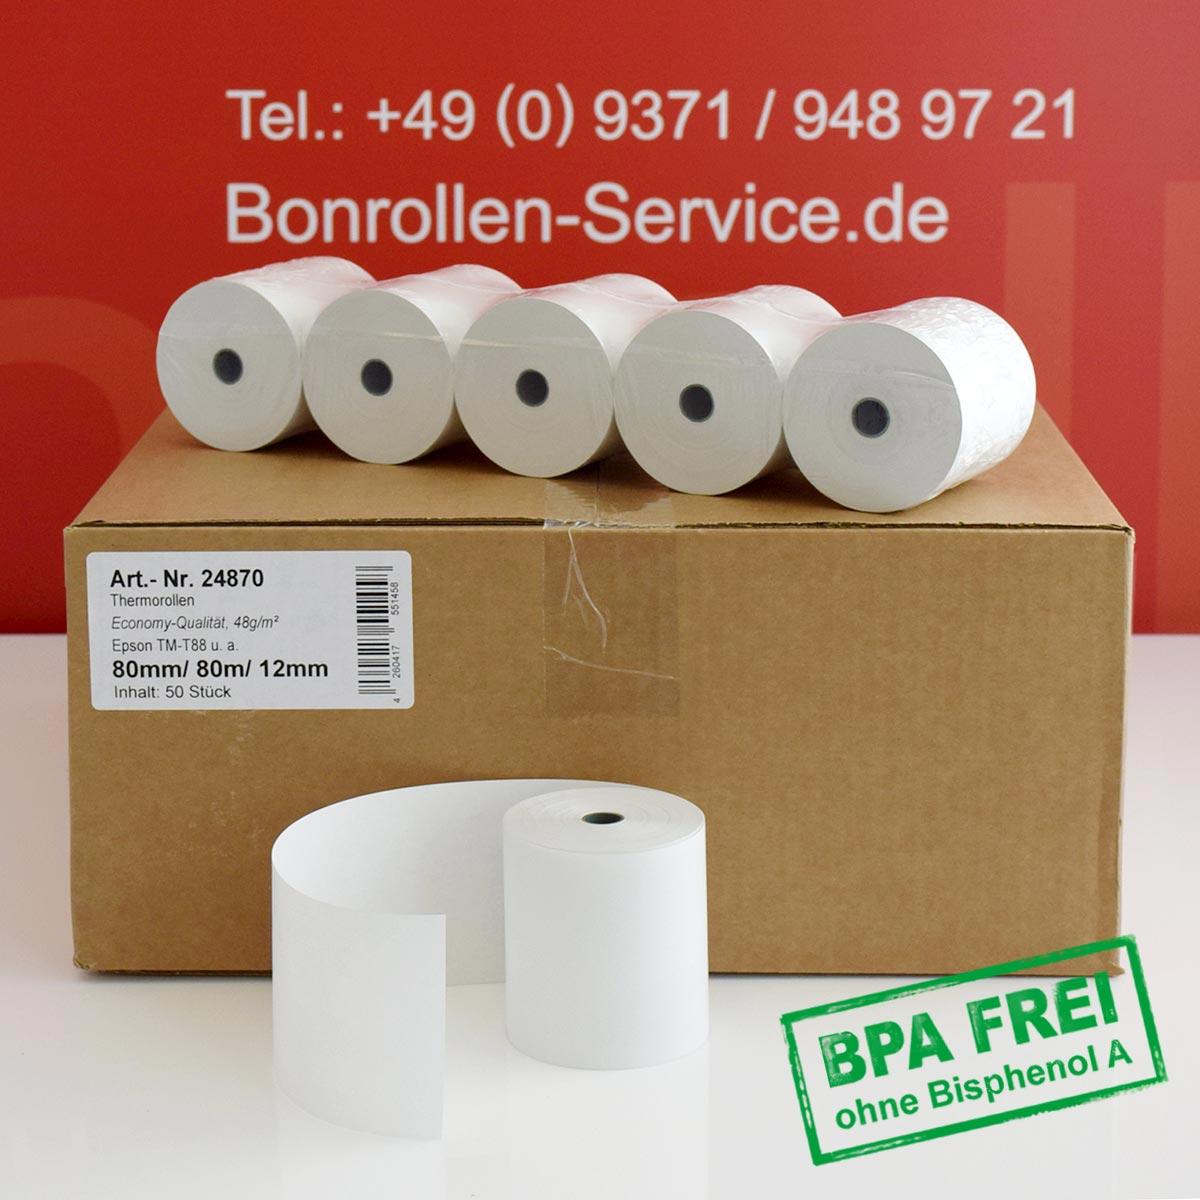 Thermorollen 80 / 80m / 12 - Economy, 48g/m², weiß